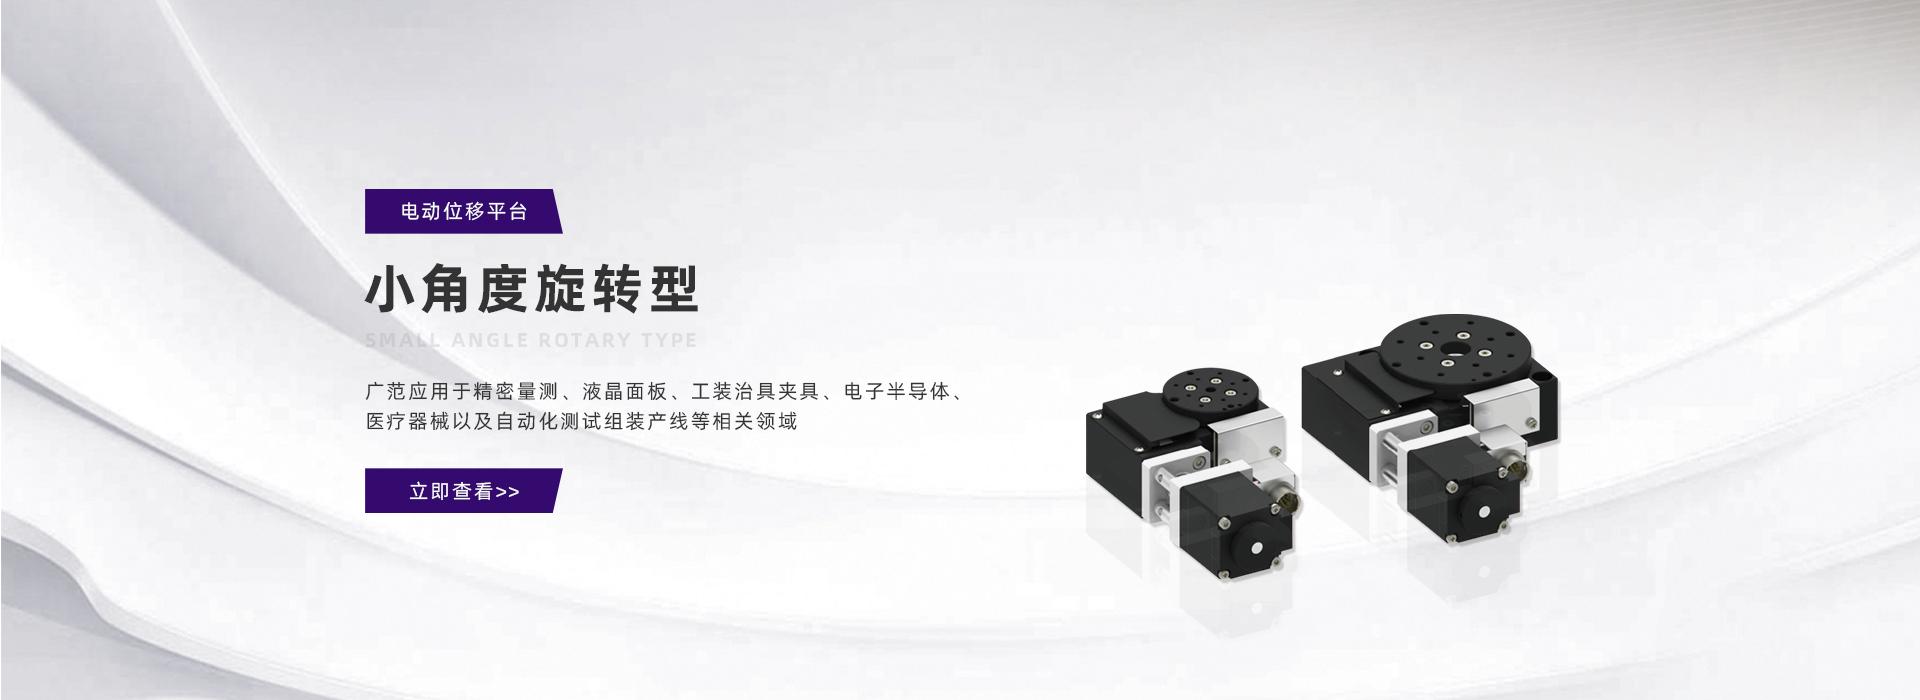 電動微調平臺